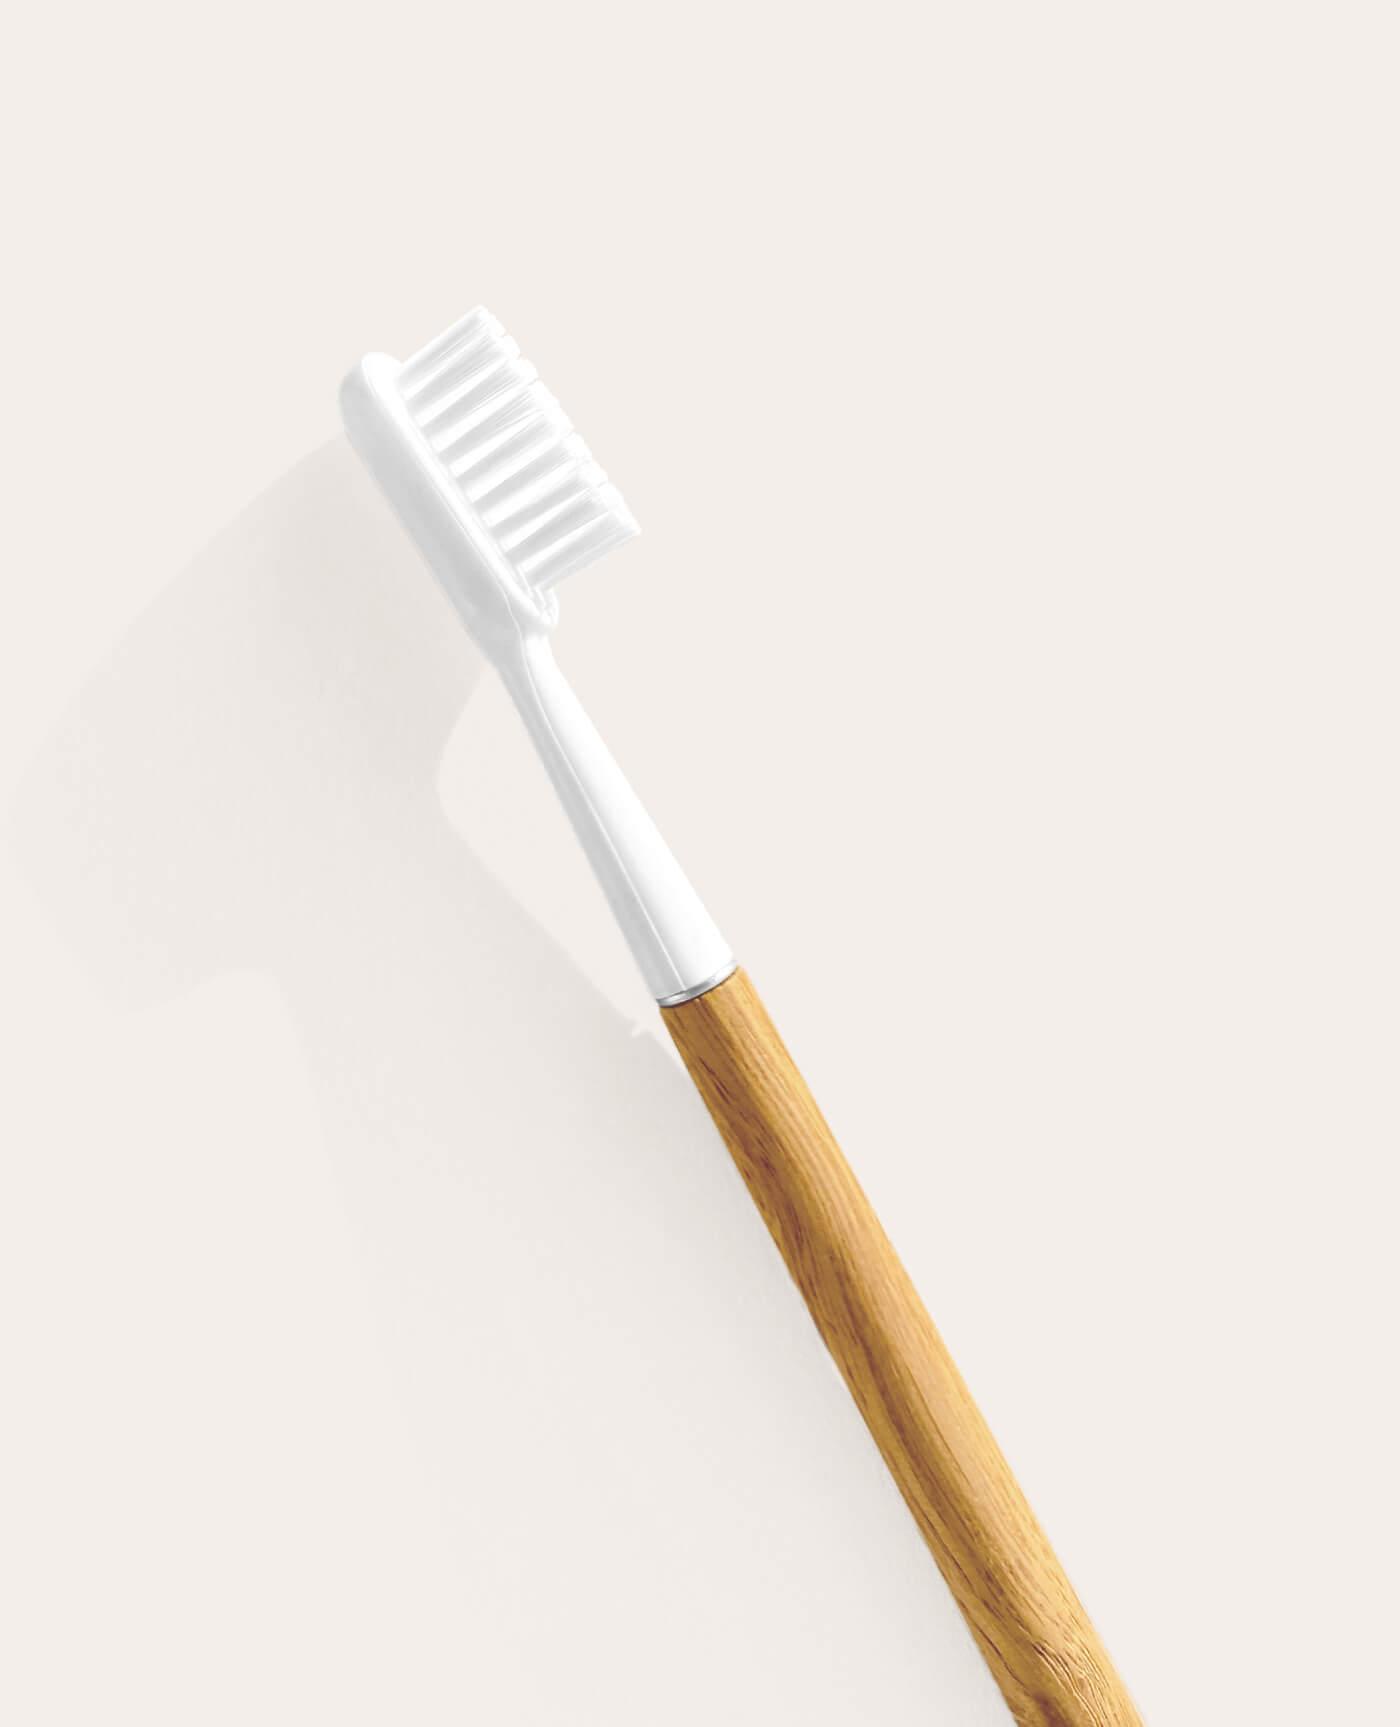 Brosse à dents rechargeable en chêne avec tête amovible de la marque Caliquo Made in France